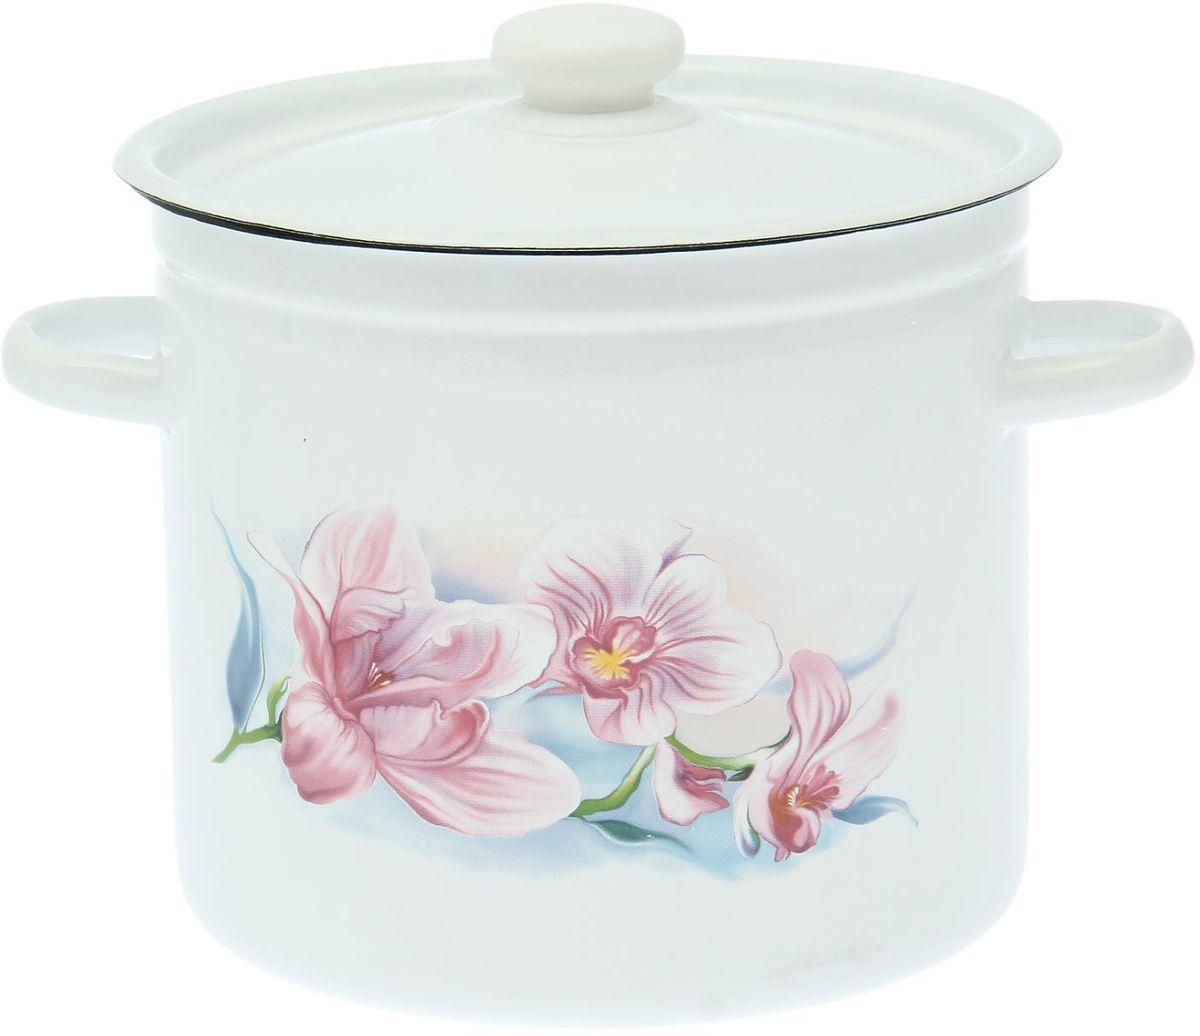 Кастрюля Epos Сиреневая орхидея, 7 л1770634Эмалированная кастрюля пригодится вам для быстрого приготовления разных типов блюд. Такая посуда подходит для домашнего и профессионального использования.Кастрюля цилиндрическая — помощь на кухне на долгие годы.Достоинства:посуда быстро и равномерно нагревается;корпус стоек к ржавчине;изделие легко отмывается в посудомоечной машине.Благодаря приятным цветам кастрюля удачно впишется в любой дизайн интерьера. Наилучшее качество покрытия достигается за счёт того, что посуда проходит обжиг при температуре до 800 °.Чтобы предмет сохранял наилучшие эксплуатационные свойства, соблюдайте правила ухода:избегайте ударов и падений;не пользуйтесь высокоабразивными чистящими средствами;не допускайте резких перепадов температуры.Посуда подходит для долговременного хранения пищи.